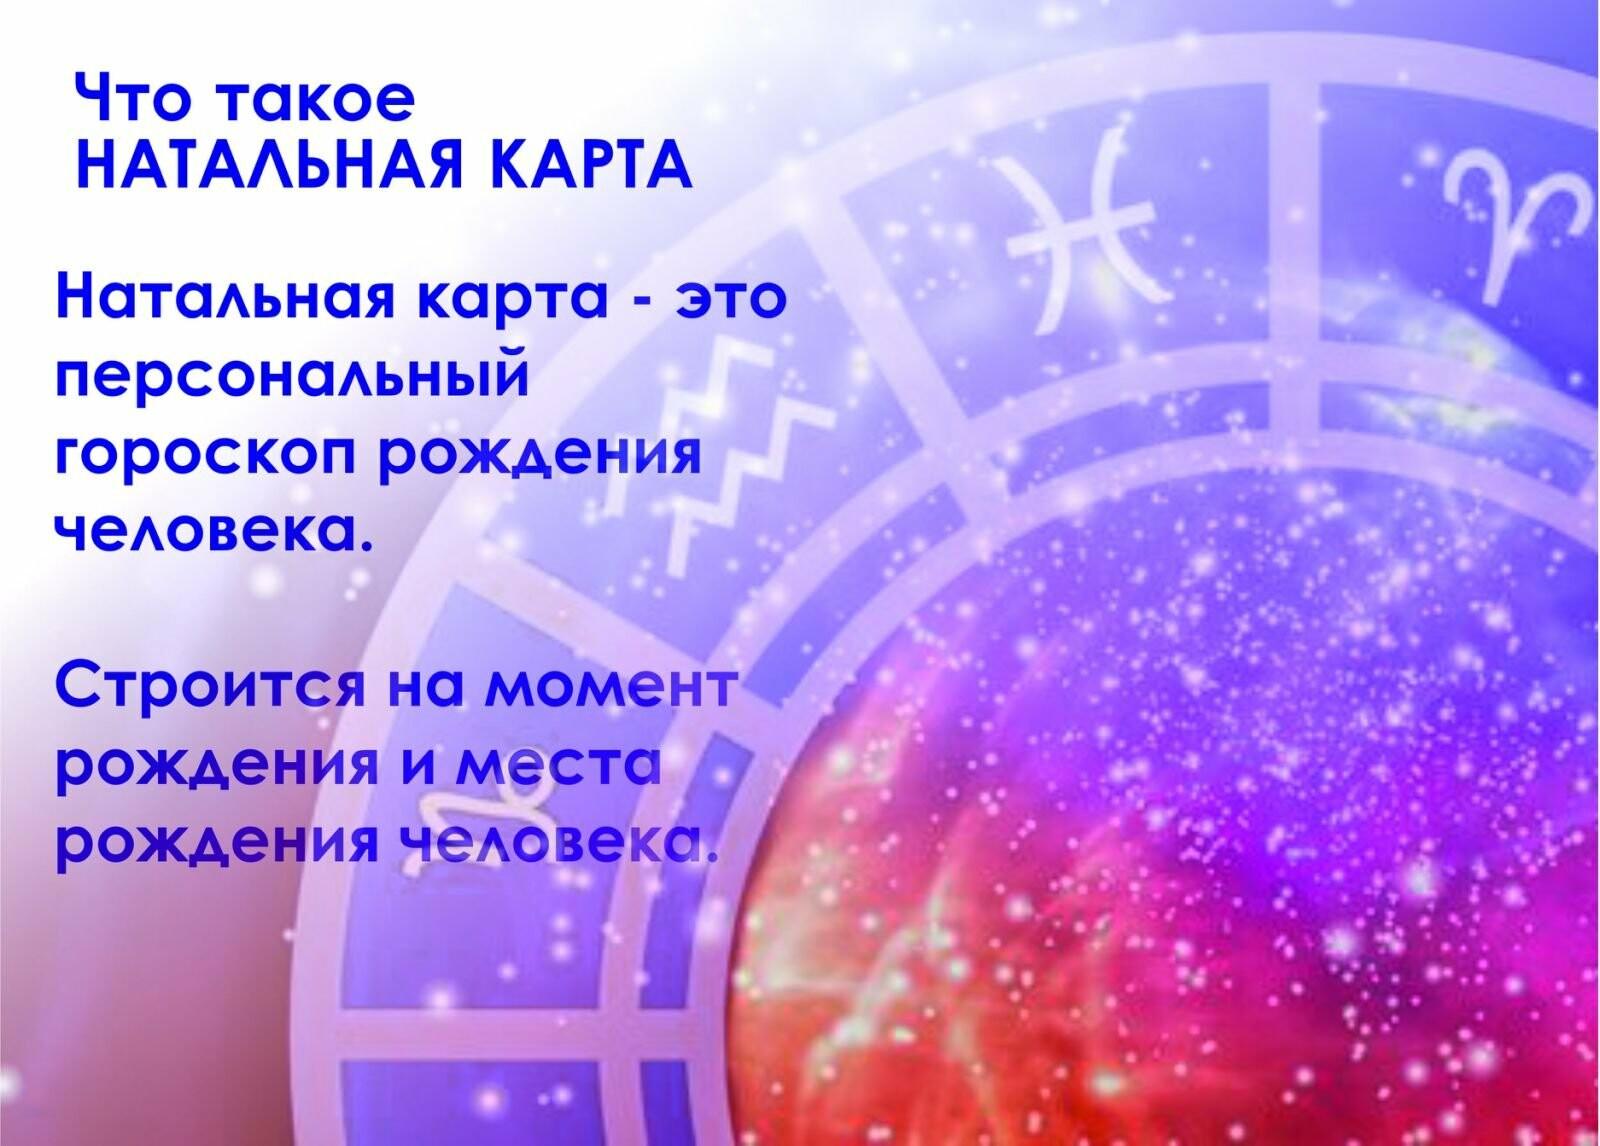 НАТАЛЬНА КАРТА , фото-1